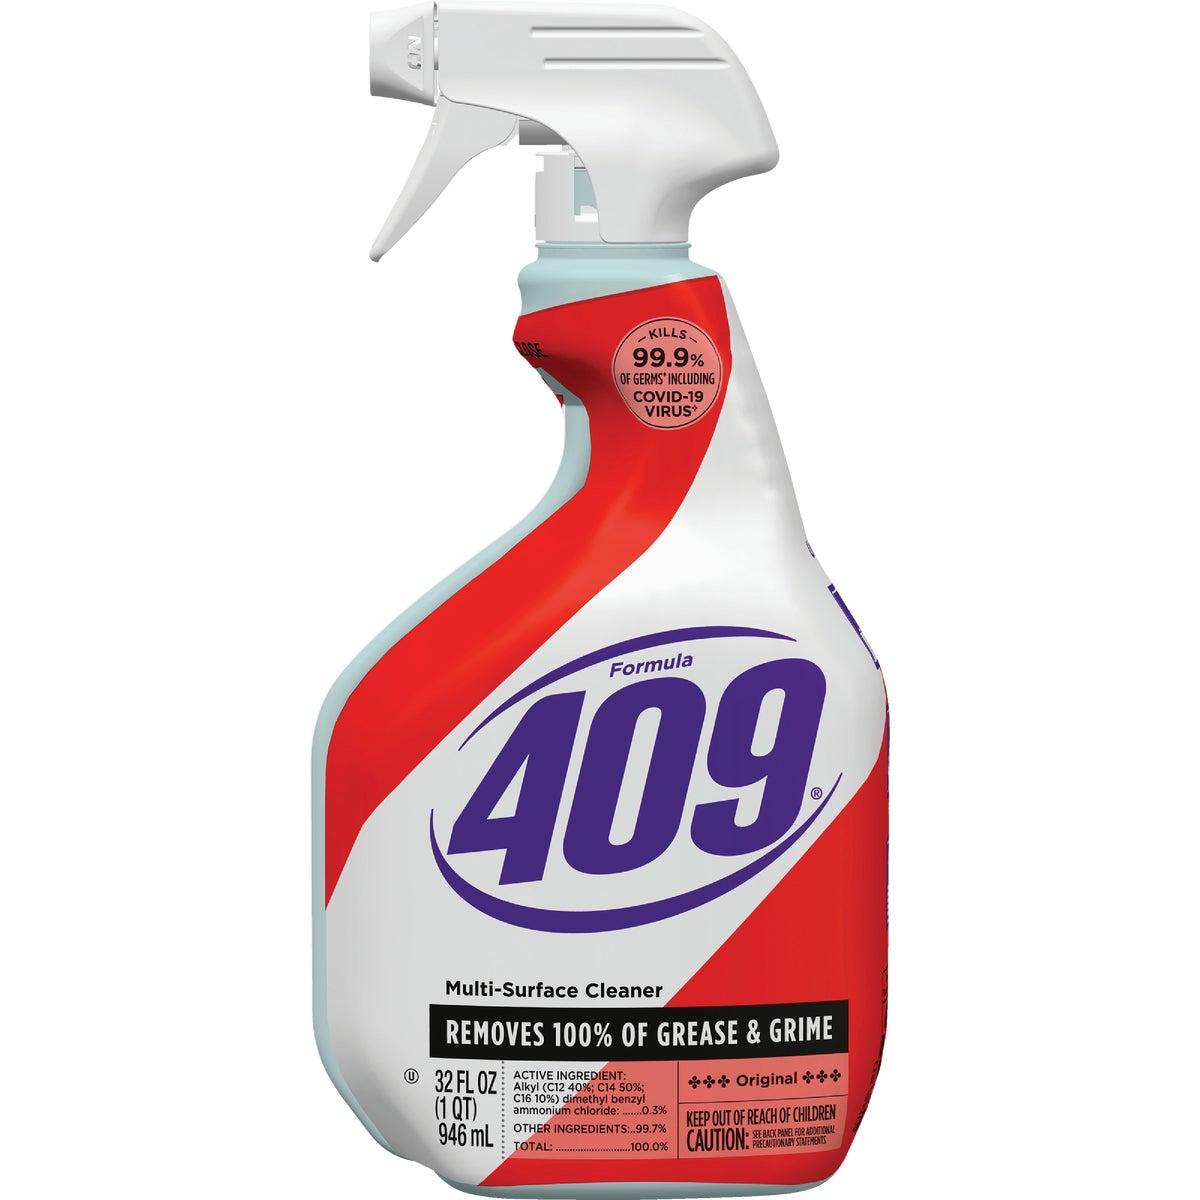 REGULAR 409 CLEANER